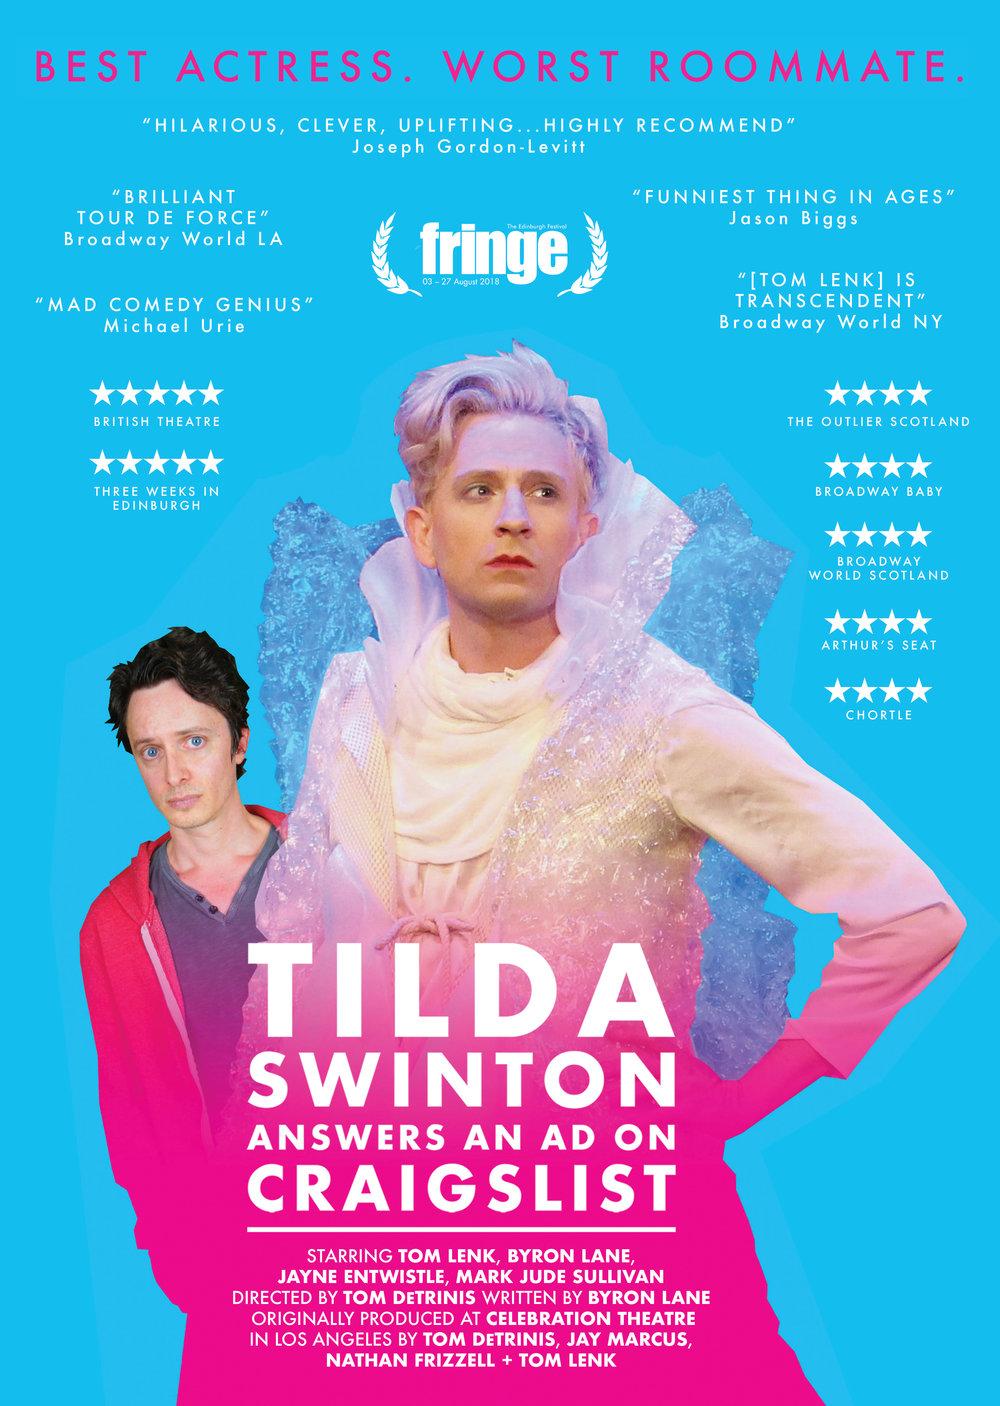 Tilda poster A3-Revised-9.13.18.jpg